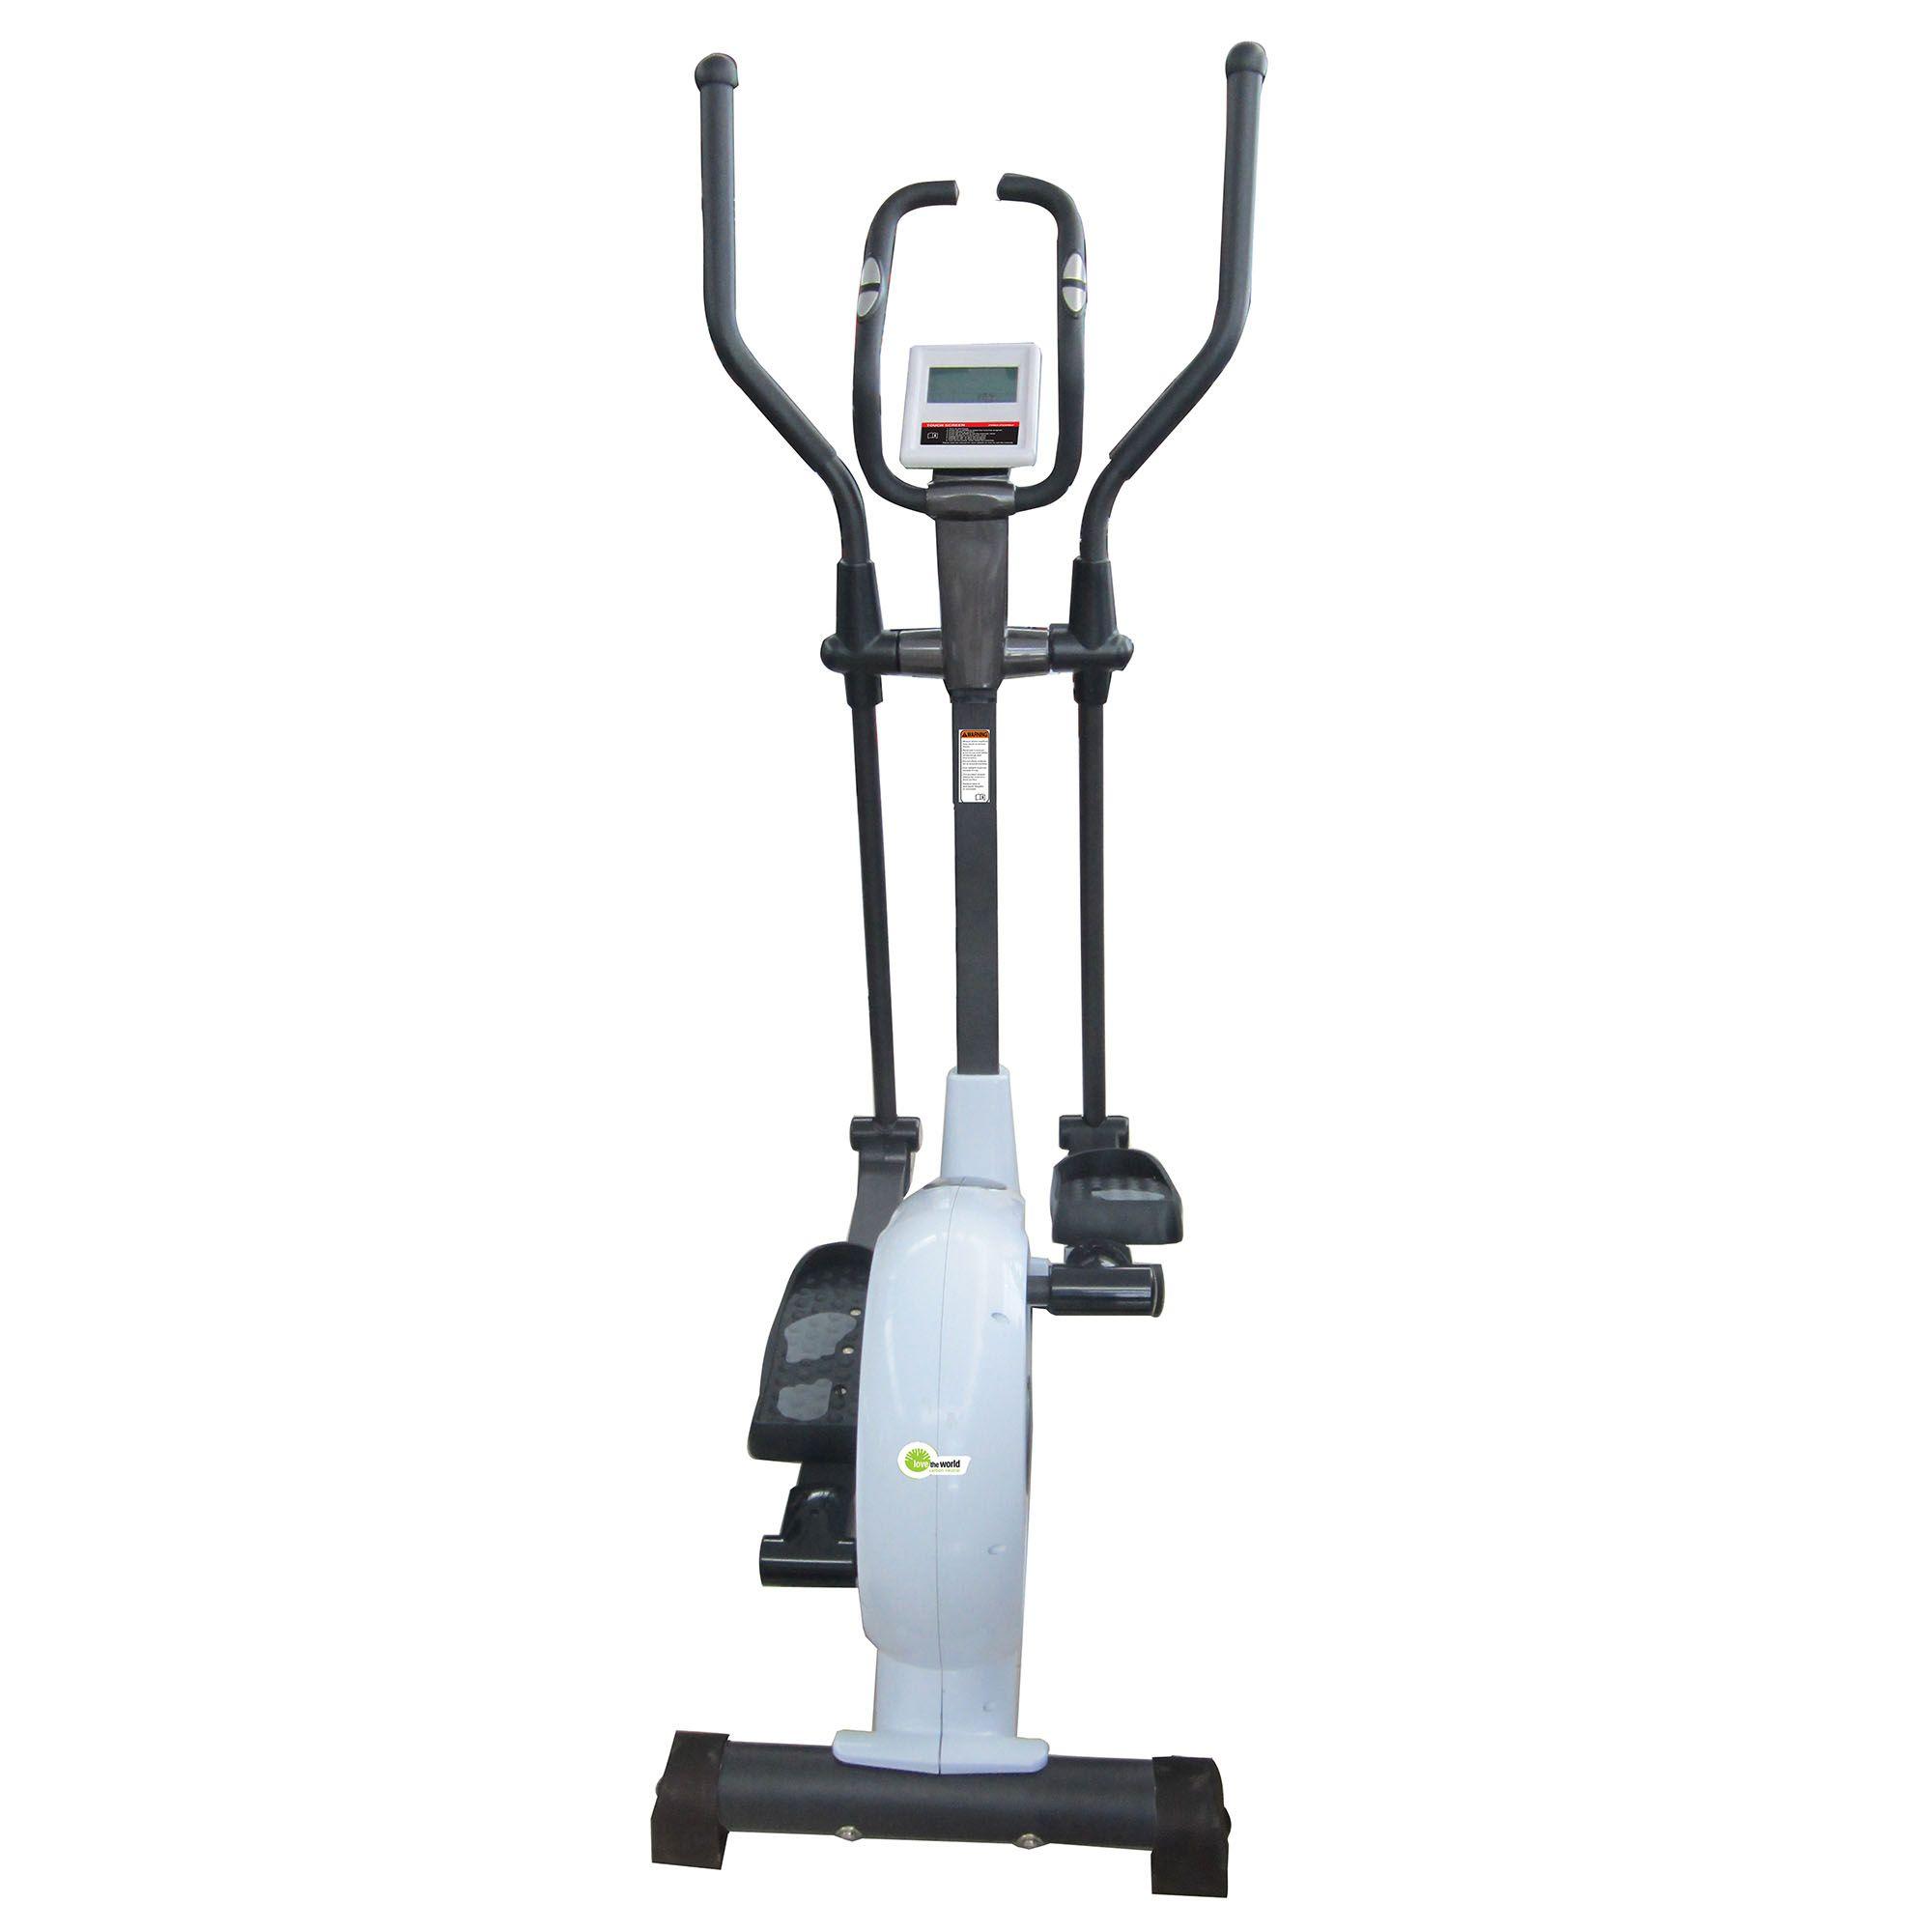 proform 605zle elliptical cross trainer review